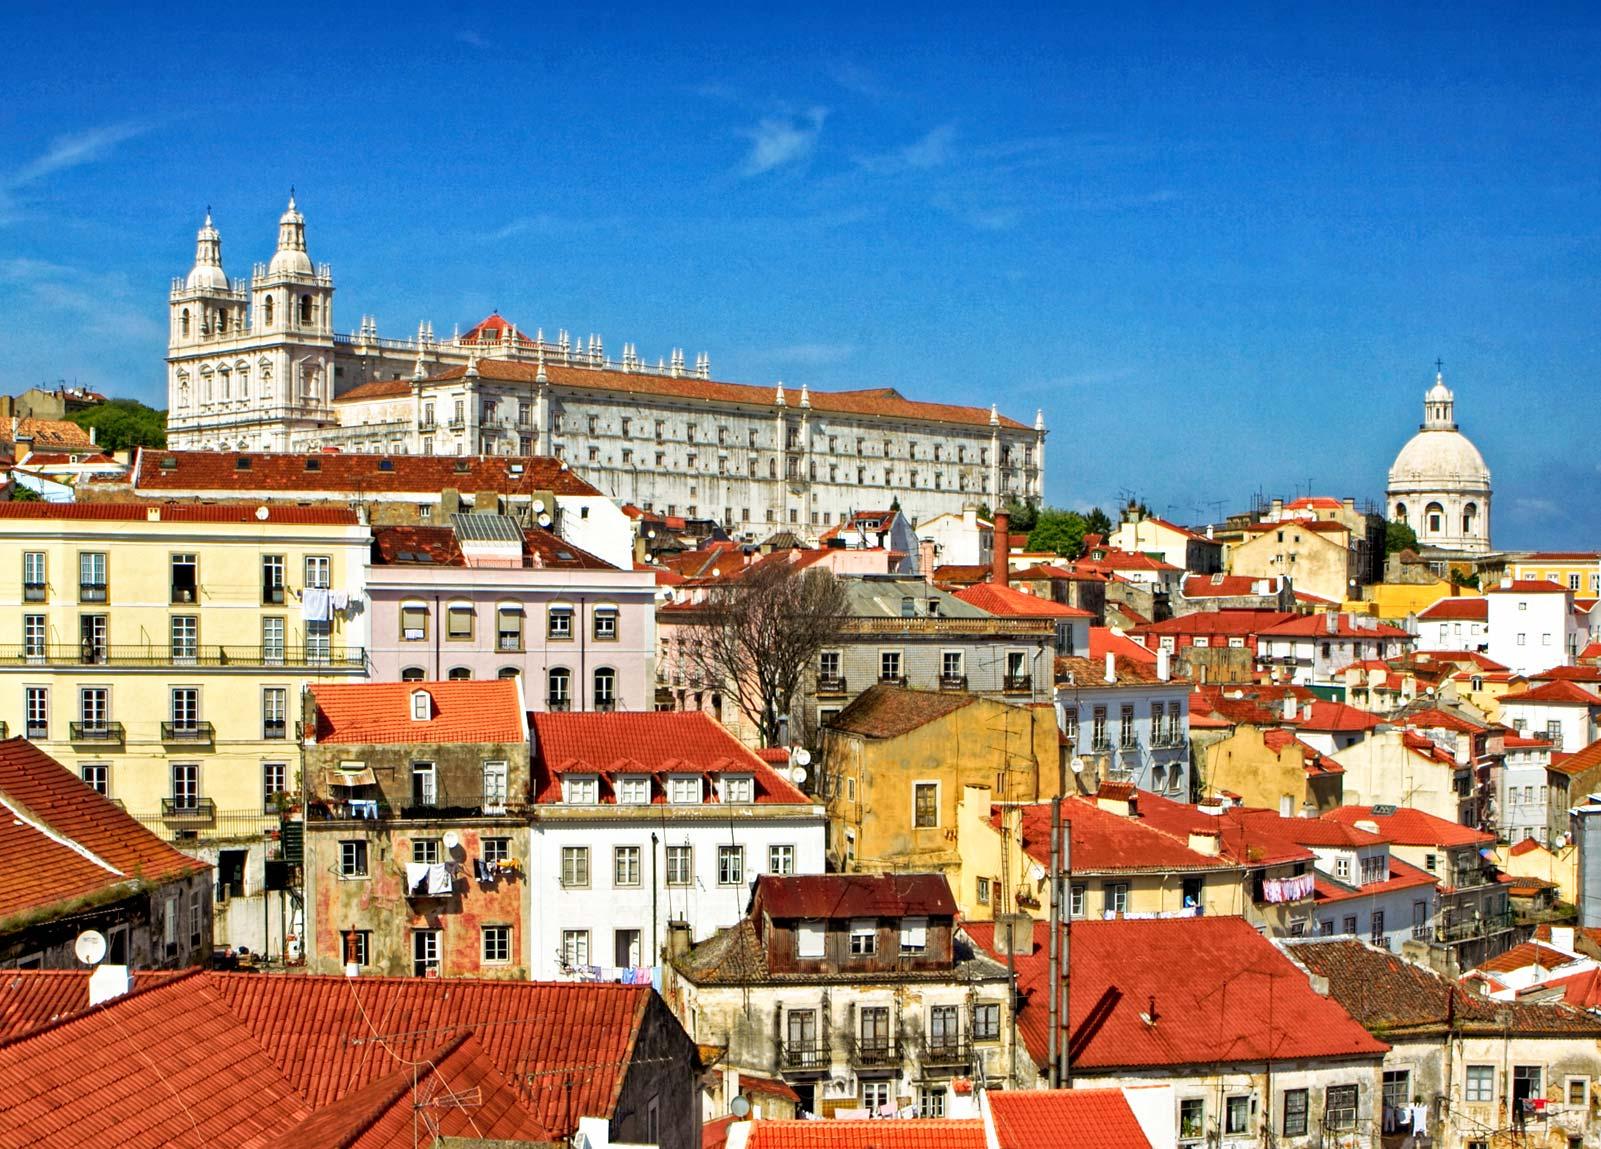 «®°·.¸.•°°·.¸.•°™ البرتغال ™°·.¸عمل خاص.•°°·.ع ت م¸.•°®» Lisbon